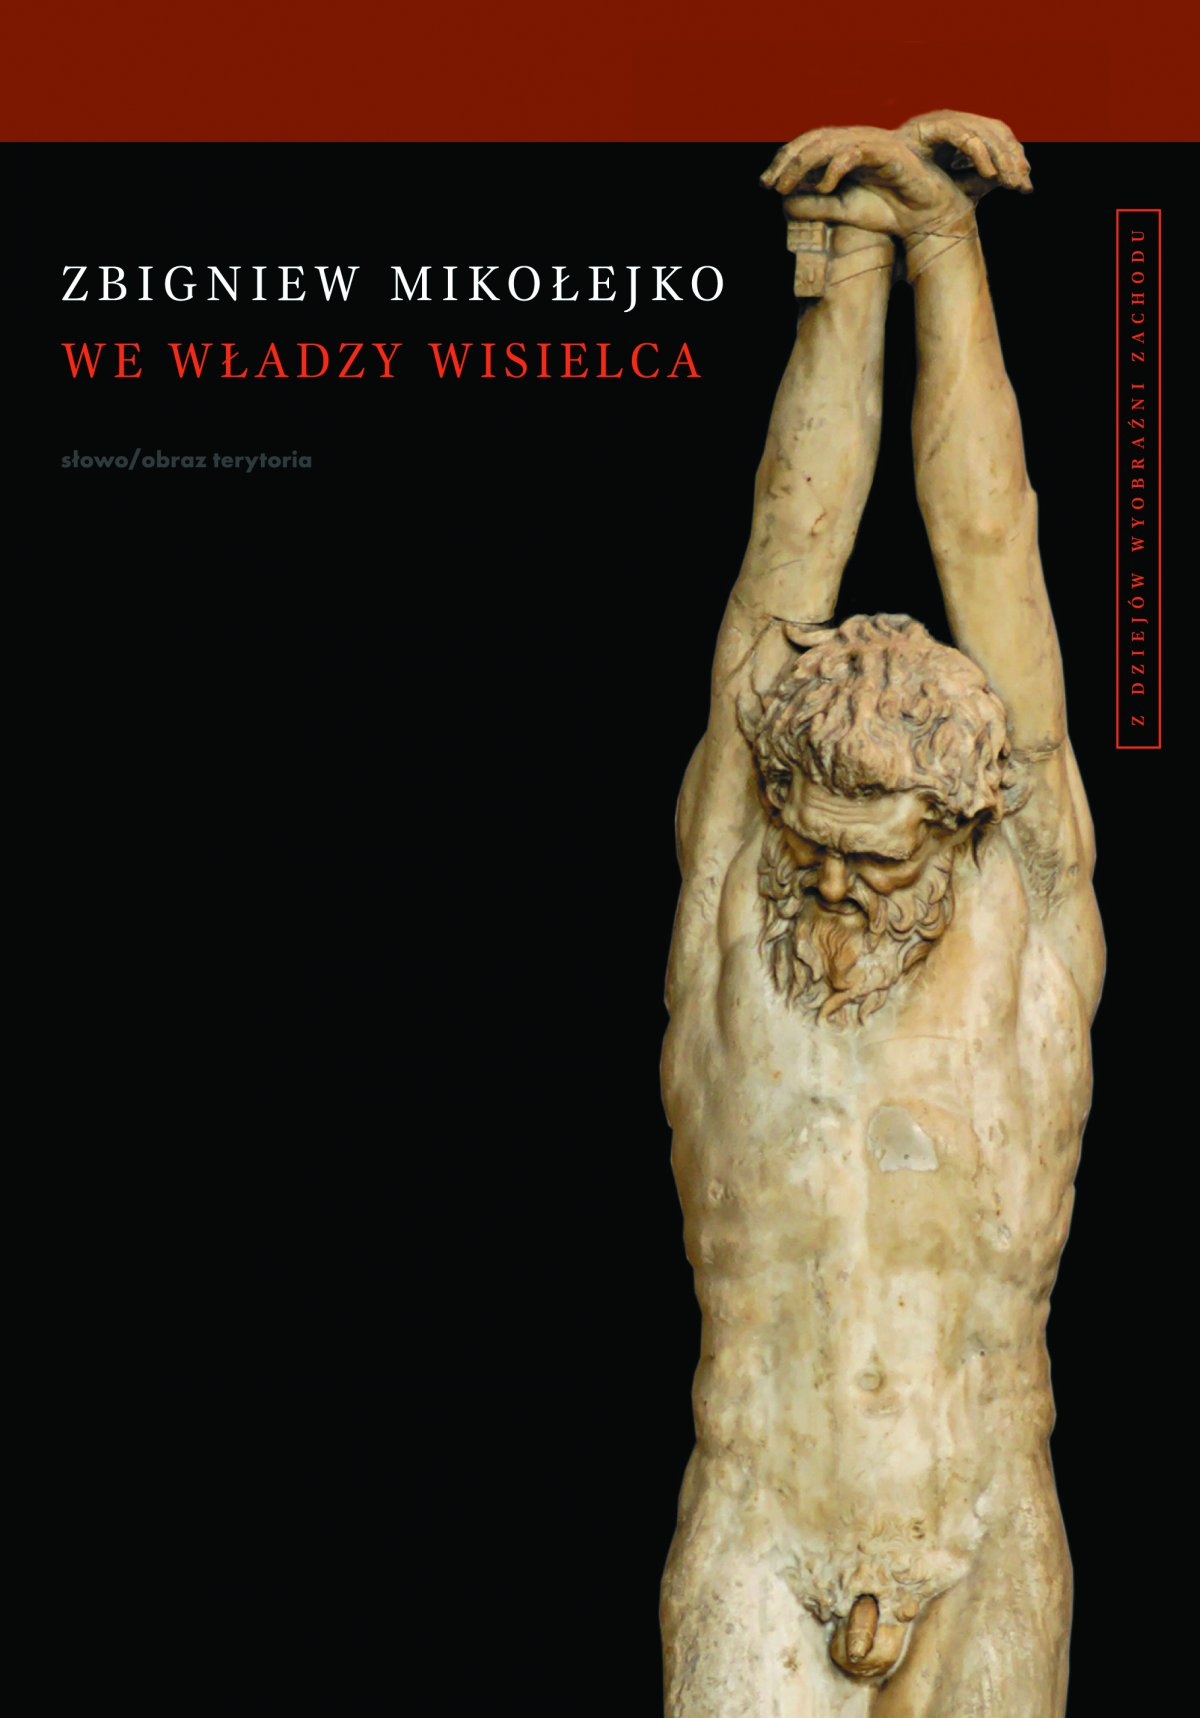 We władzy wisielca - Ebook (Książka na Kindle) do pobrania w formacie MOBI